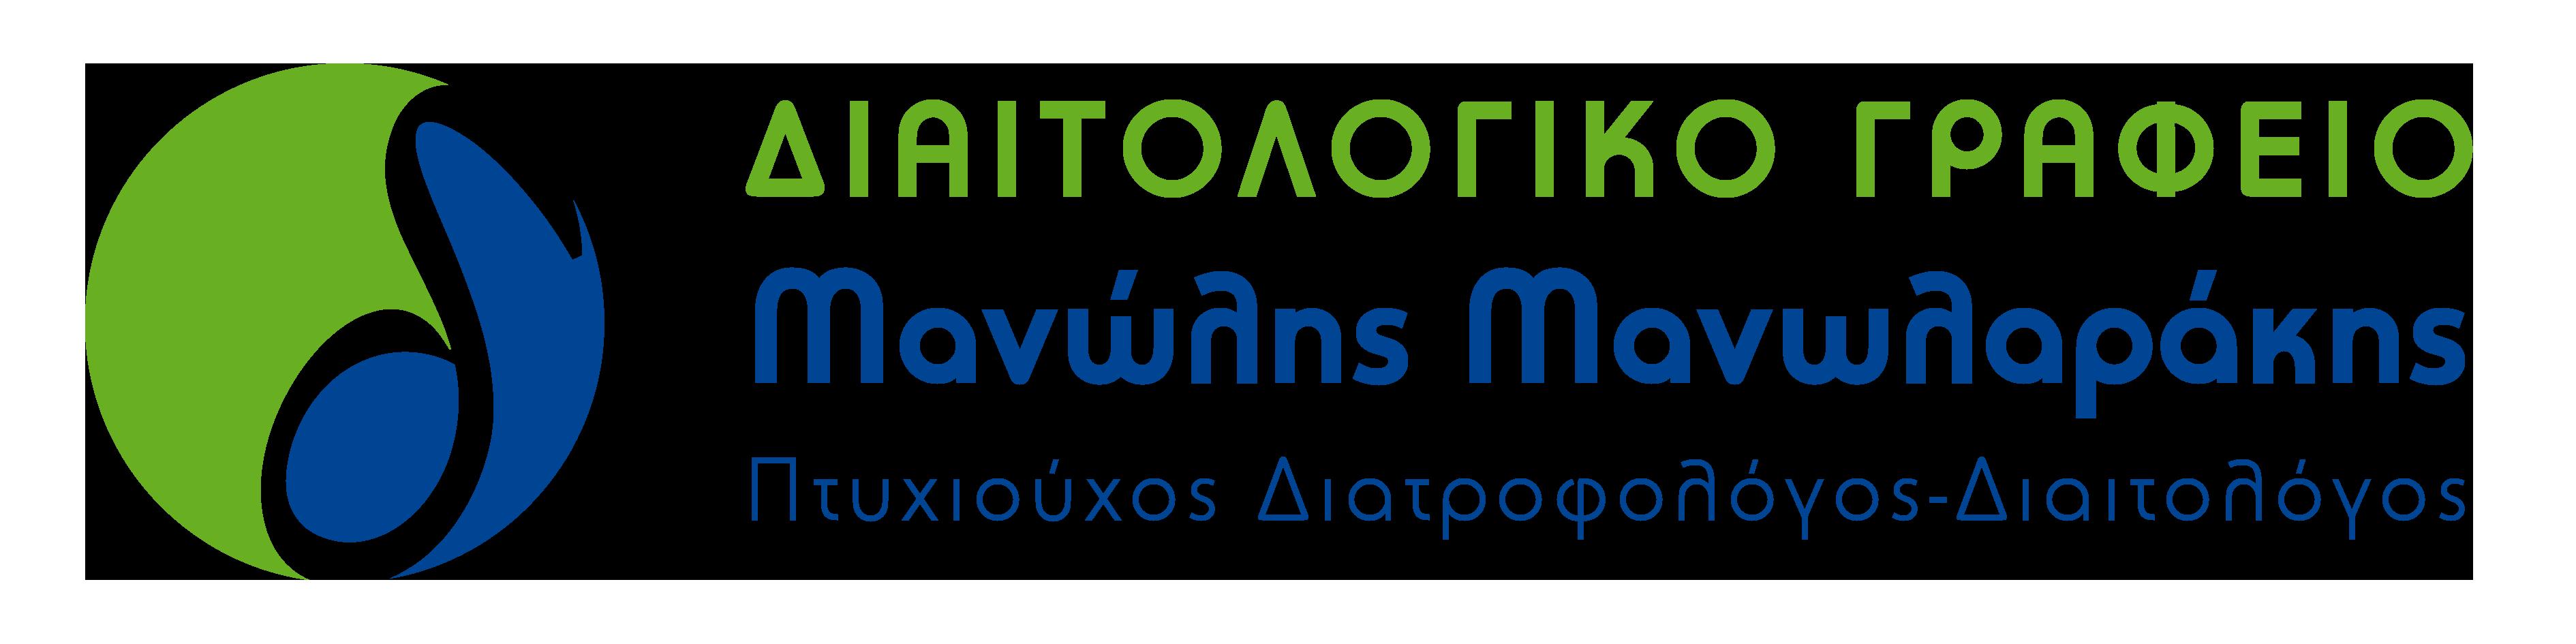 Διατροφολόγος Αθήνα – Αρριανού 4 Άλιμος – Tηλέφωνο:  2109966896